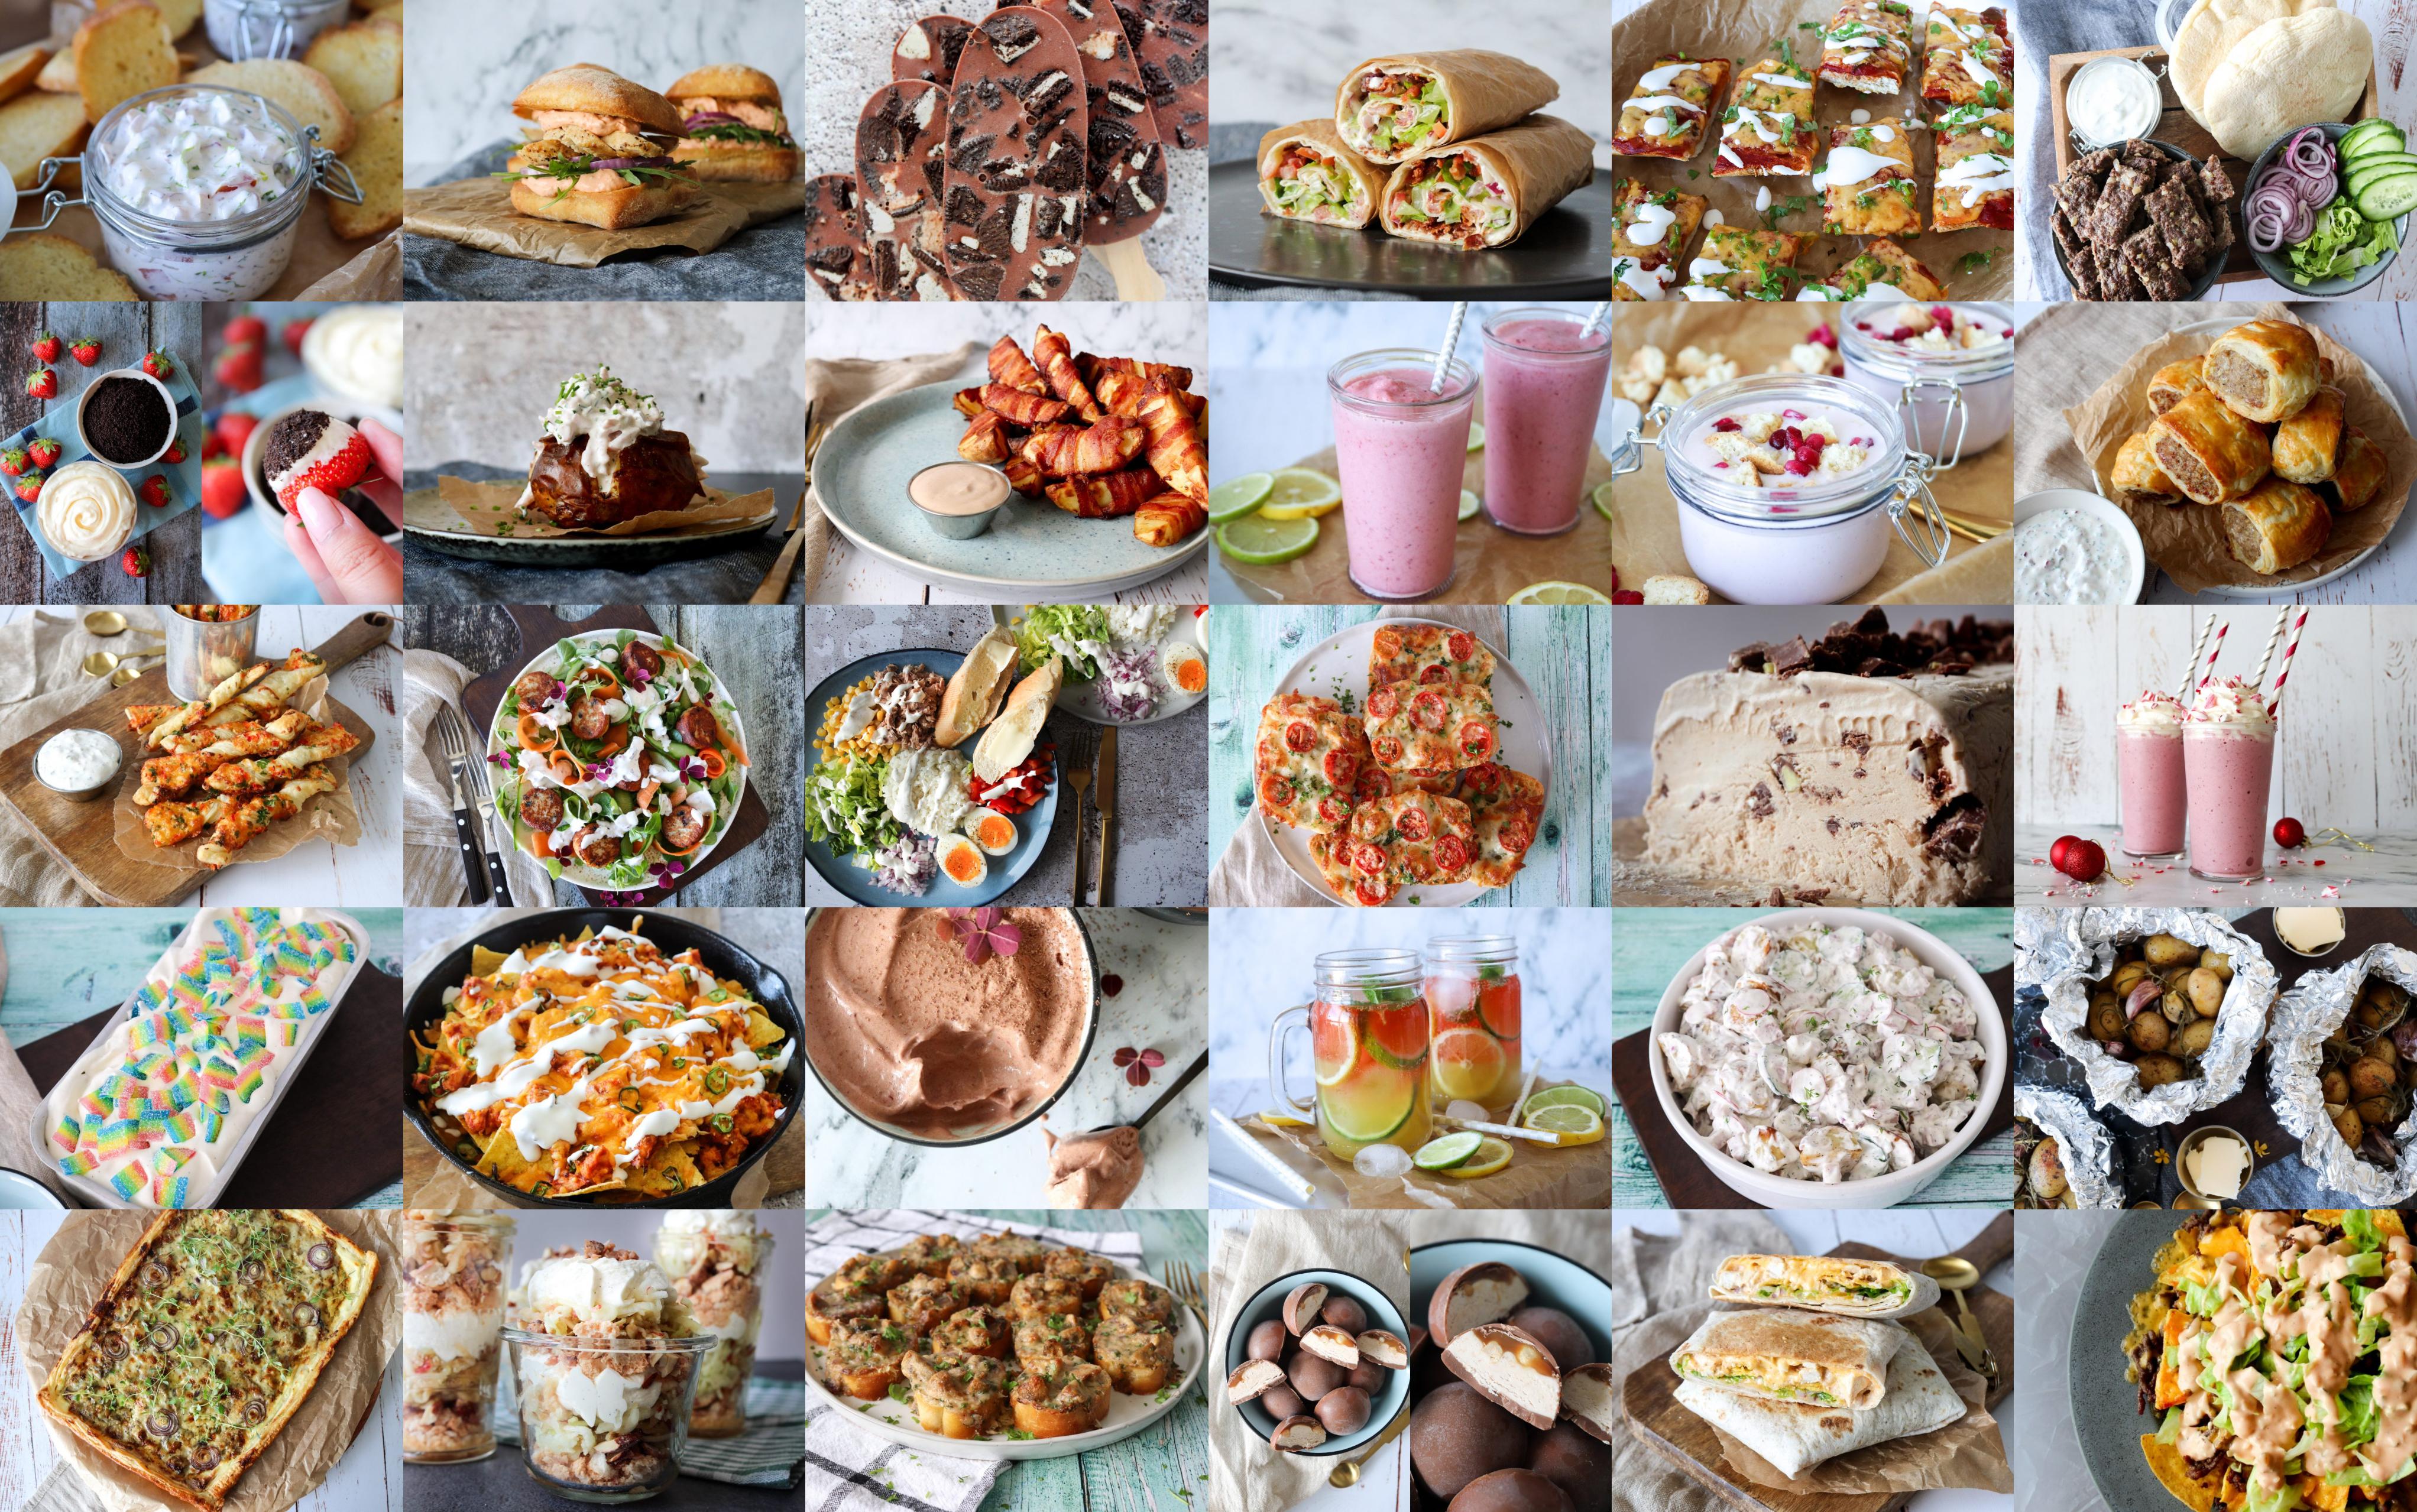 50 Lækre Idéer Til Frokost, Aftensmad, Snacks, Desserter Og Drikkelse Til Det Varme Vejr